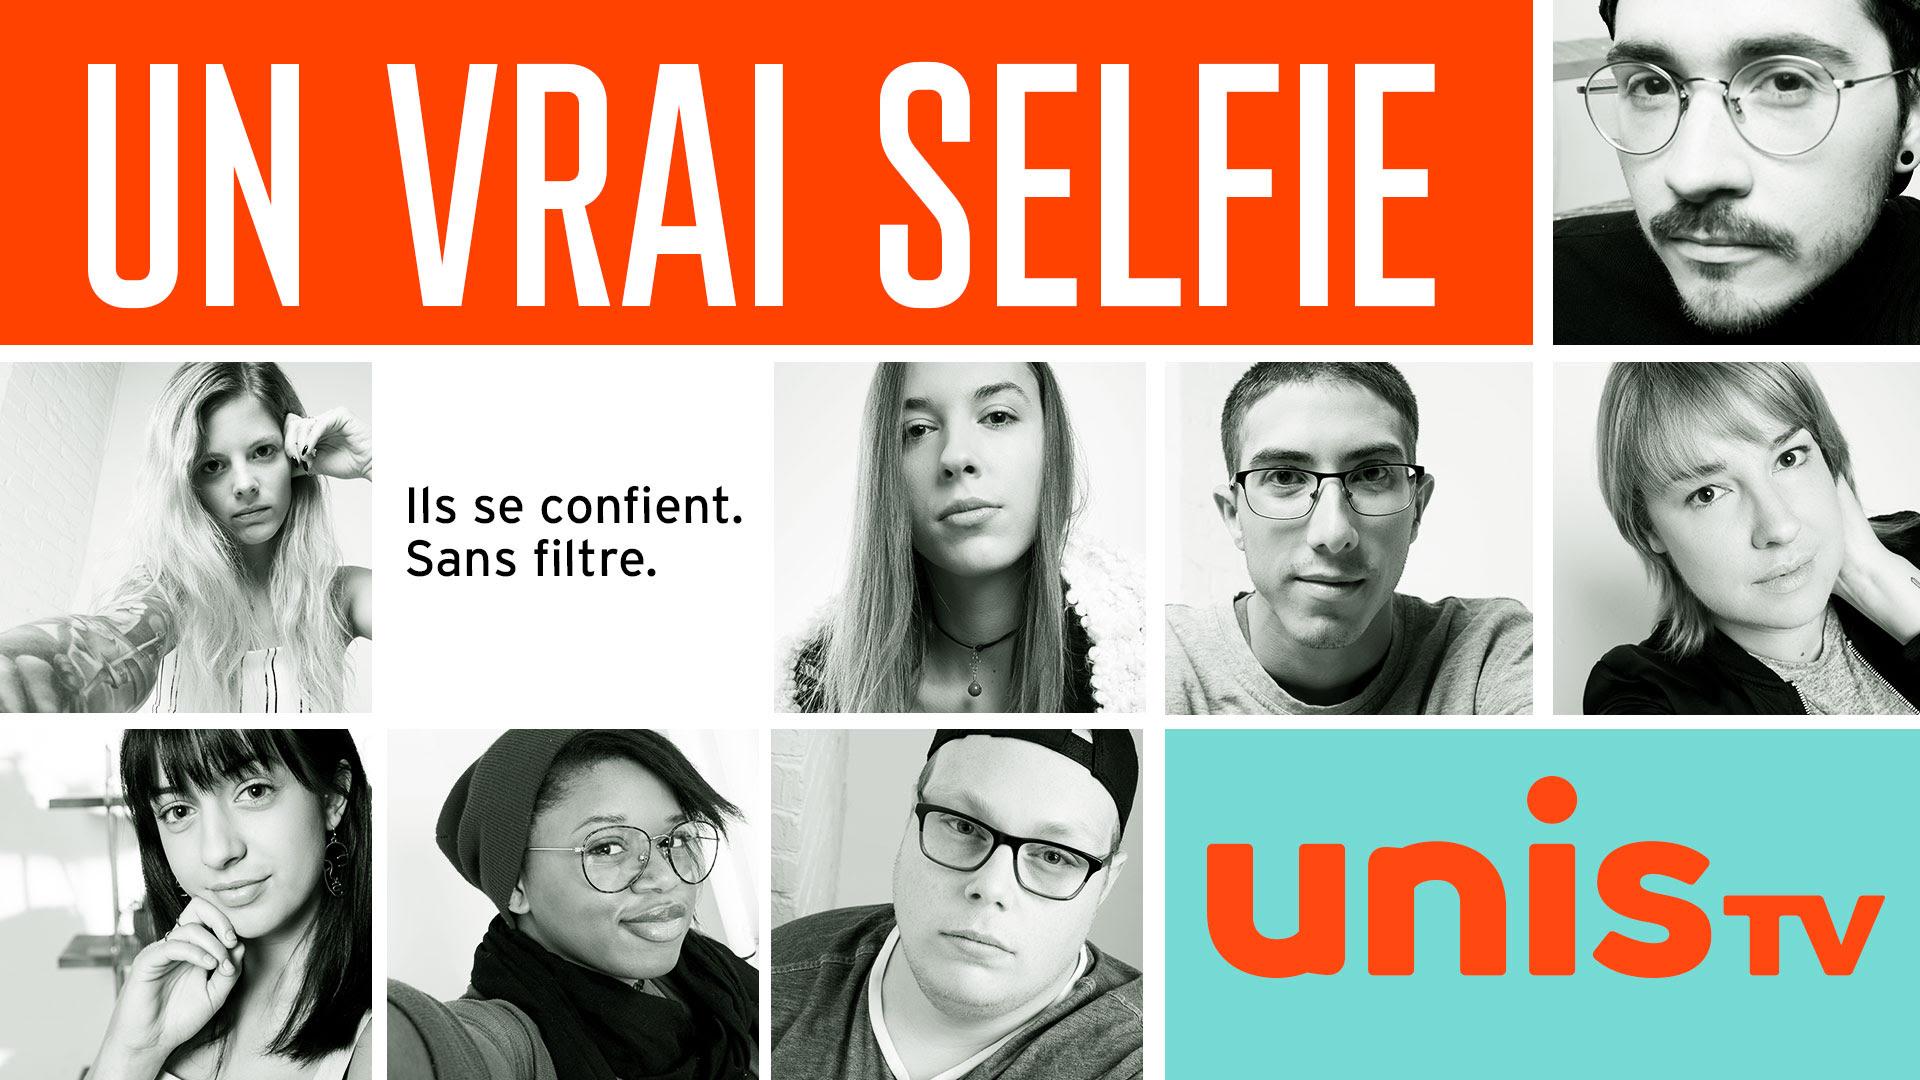 Un vrai selfie, une nouvelle saison sur Unis TV qui aborde les enjeux de santé mentale